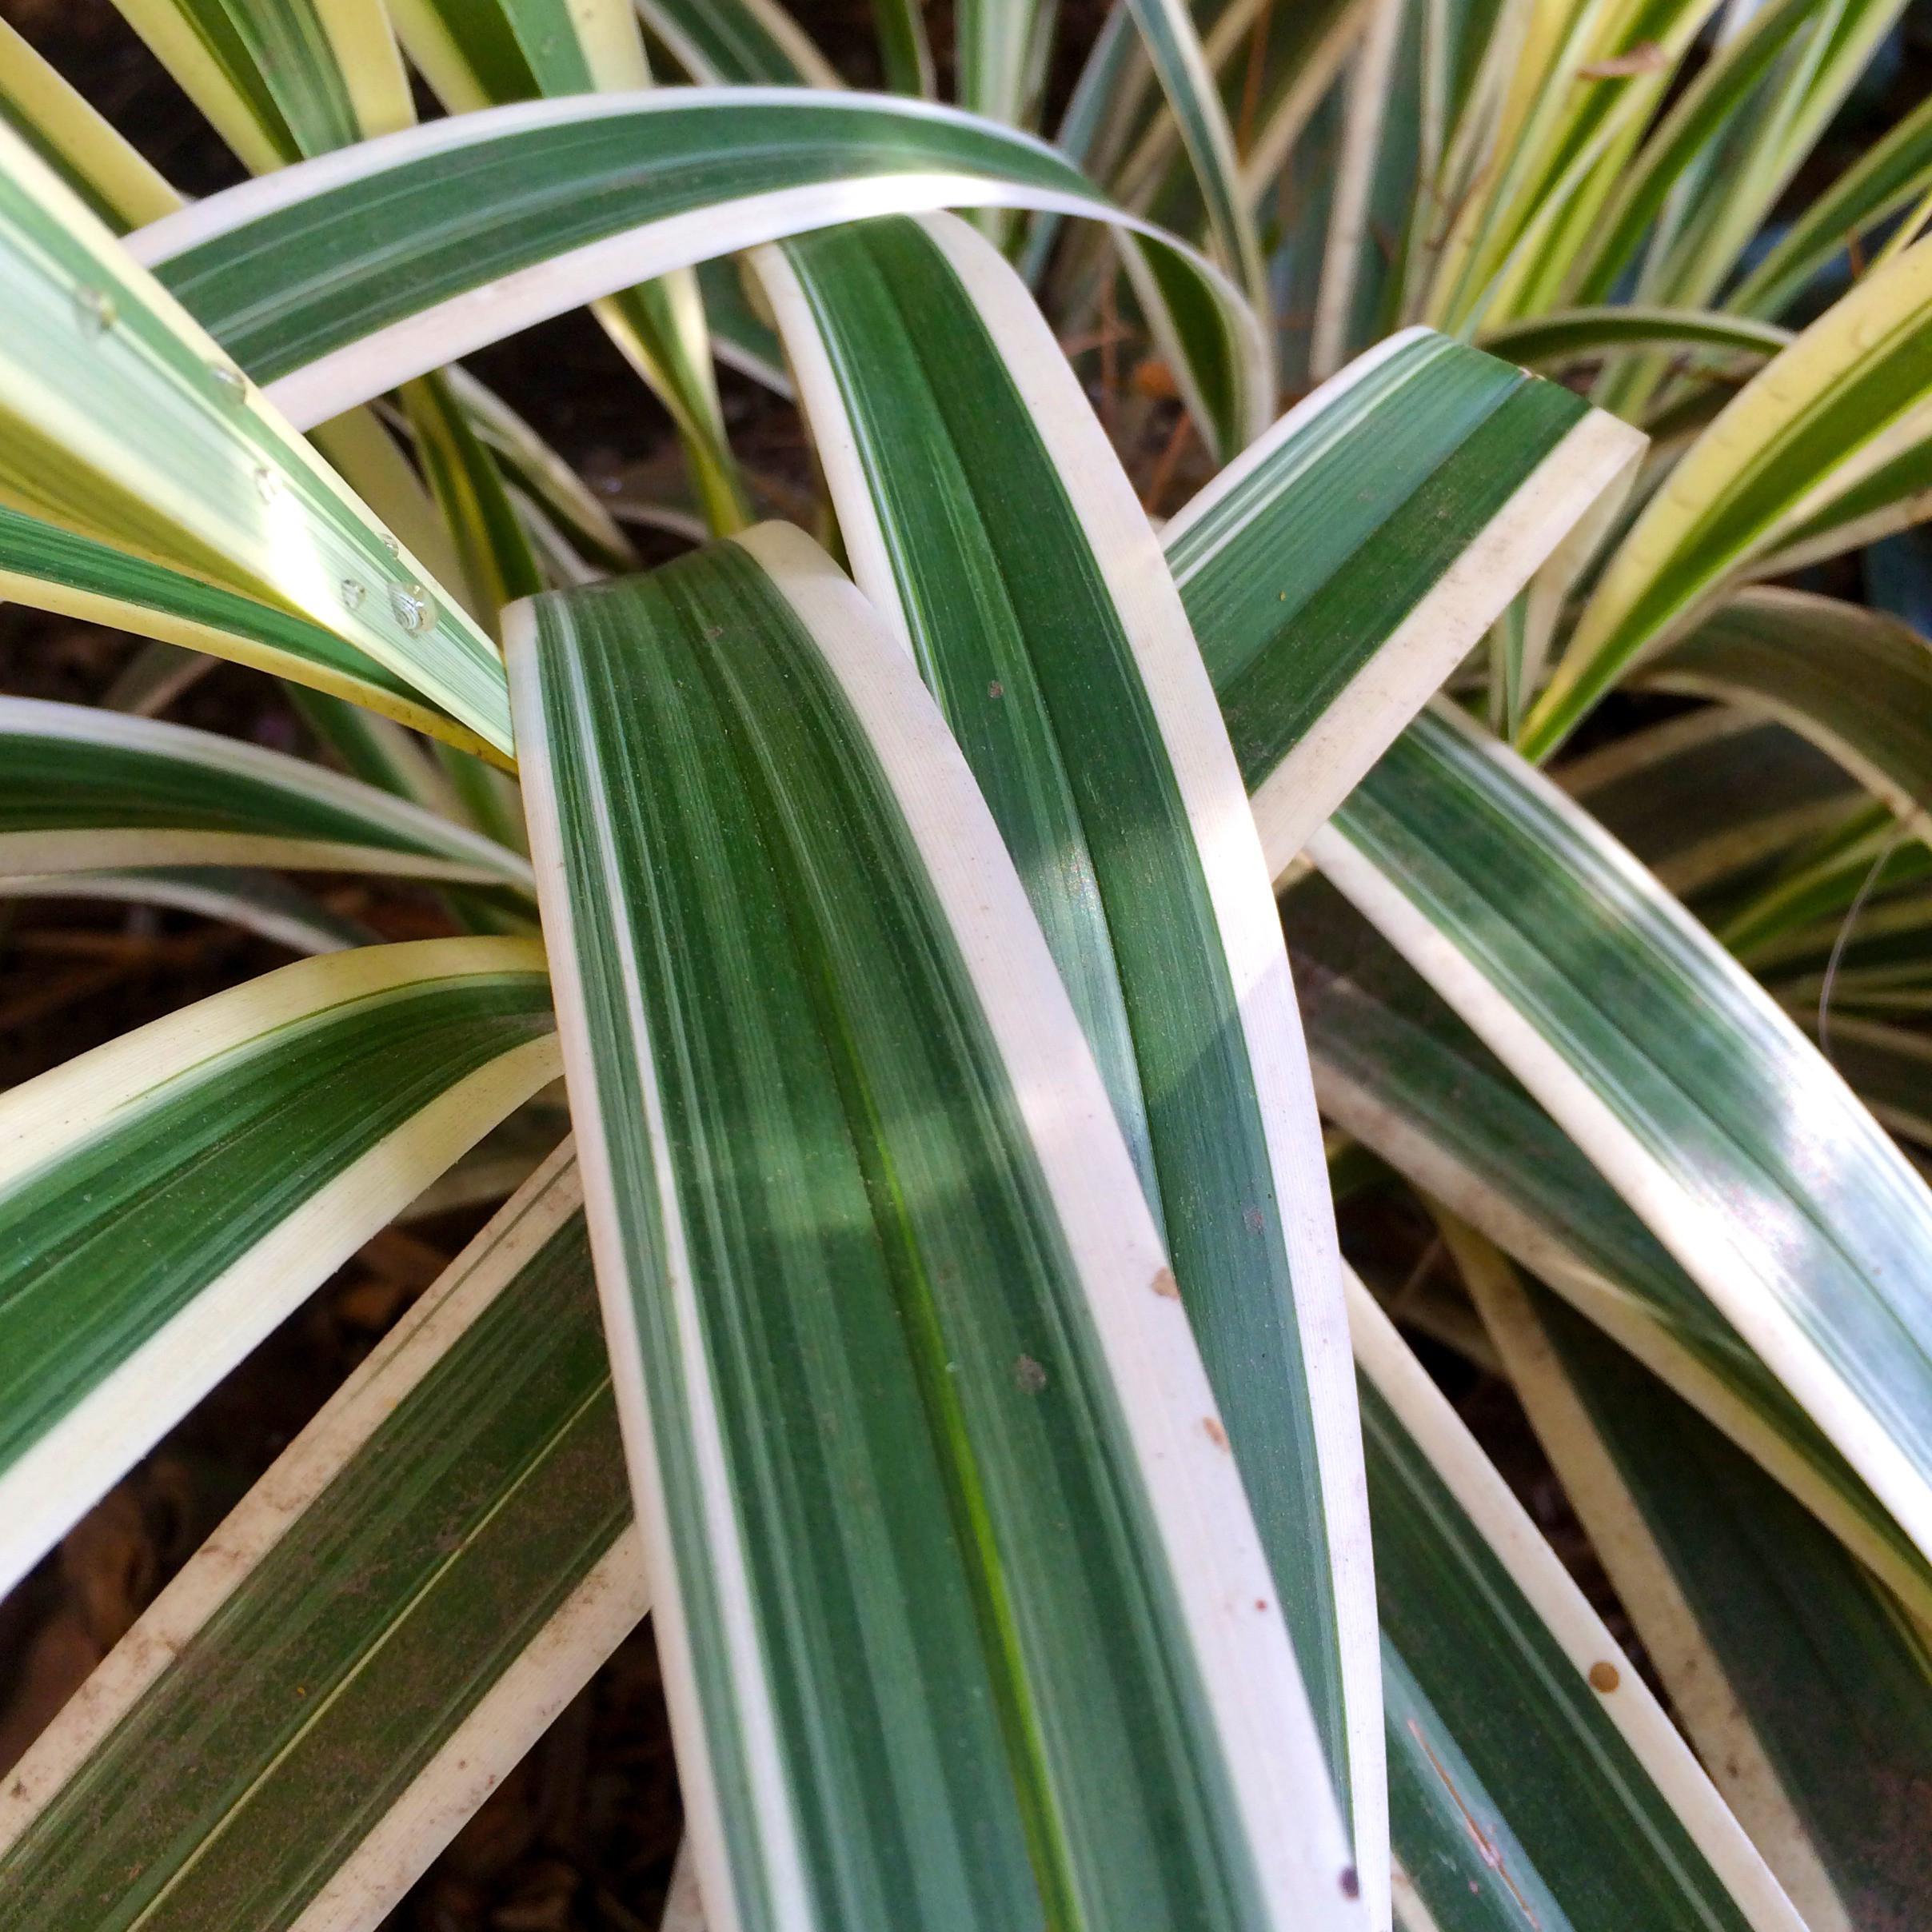 Variegated Flax Lily (Dianella tasmanica 'Variegata')